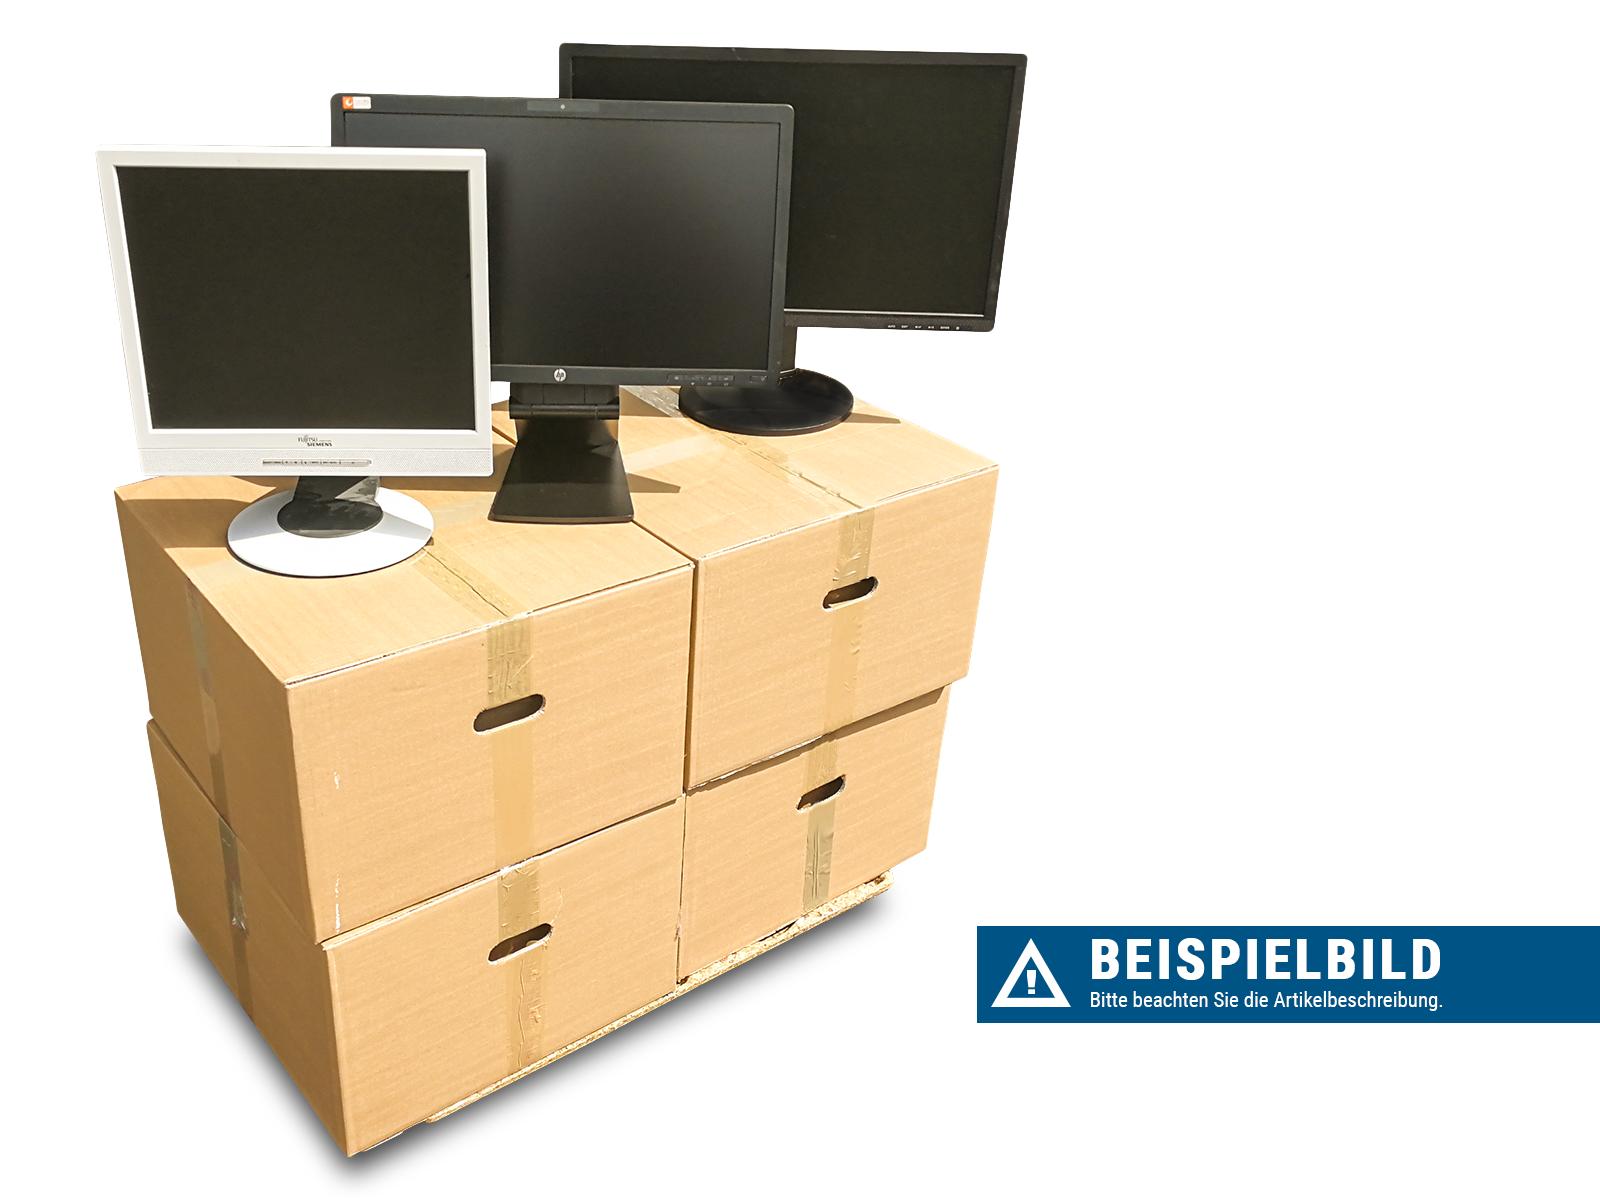 TFT PAKET: 19 Stück lt. Liste - Ohne Gewähr auf Vollständigkeit und Funktionsfähigkeit - Ungetestet direkt vom Endanwender - shop.bb-net.de